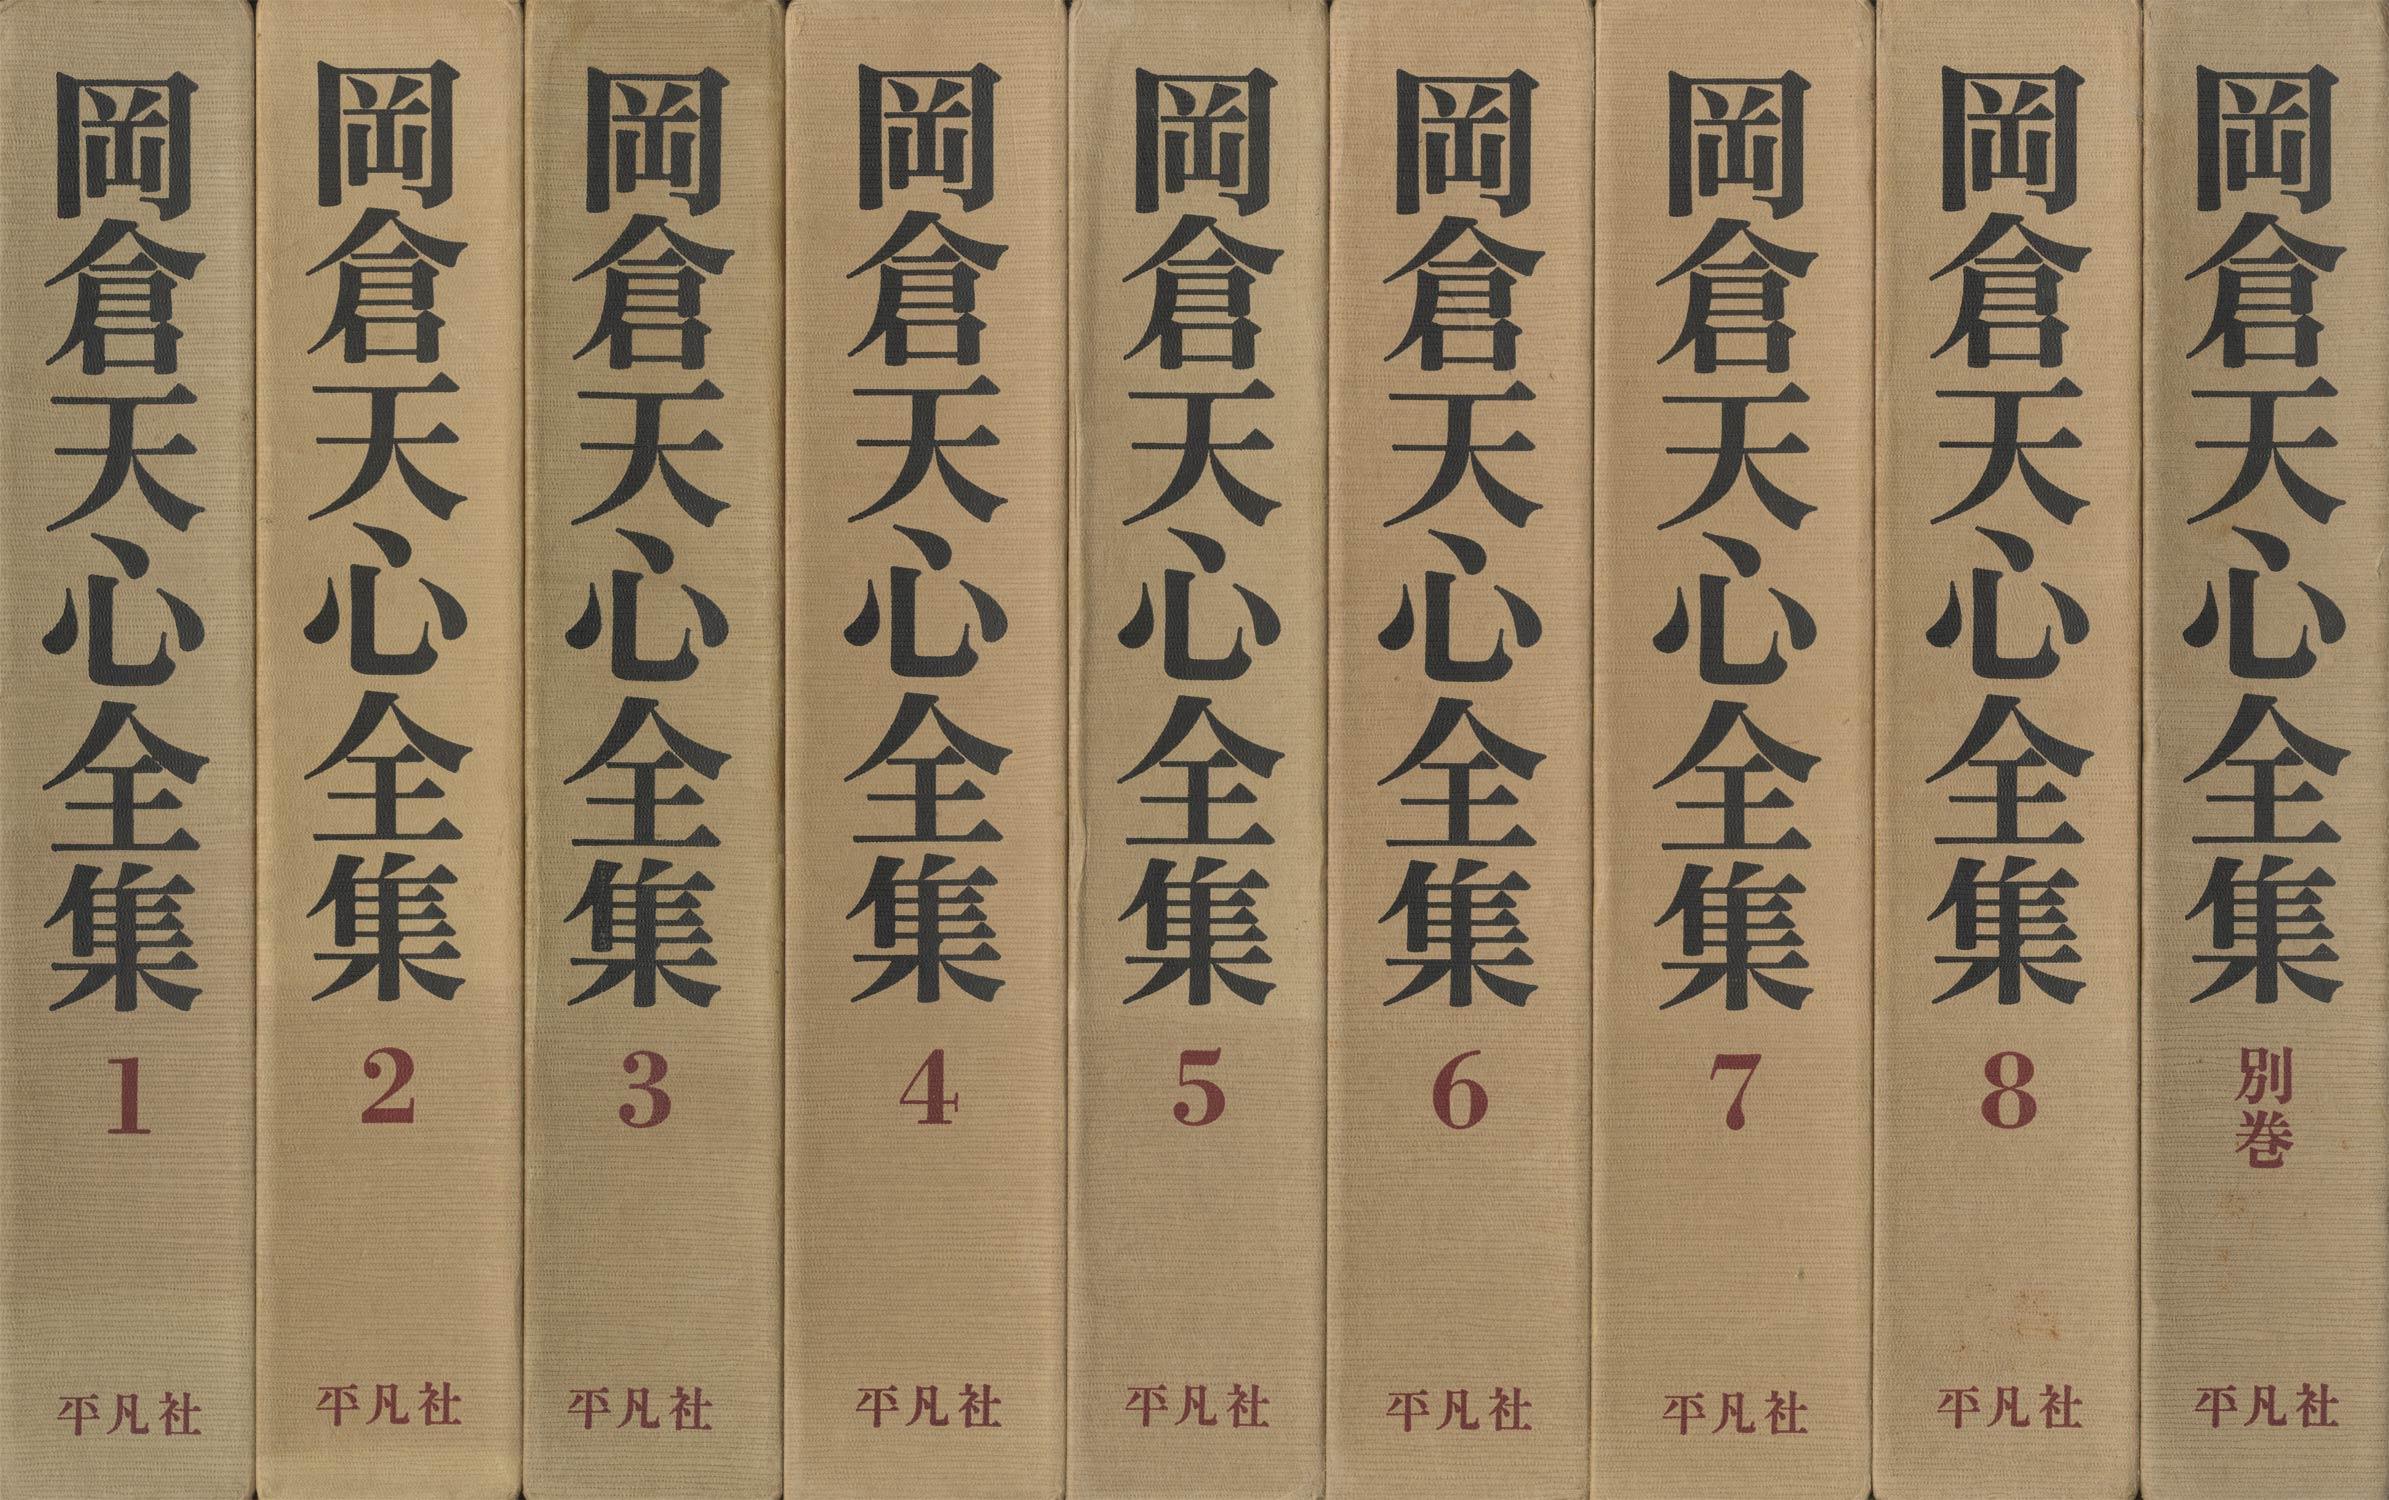 岡倉天心全集 全9冊(8巻+別巻)